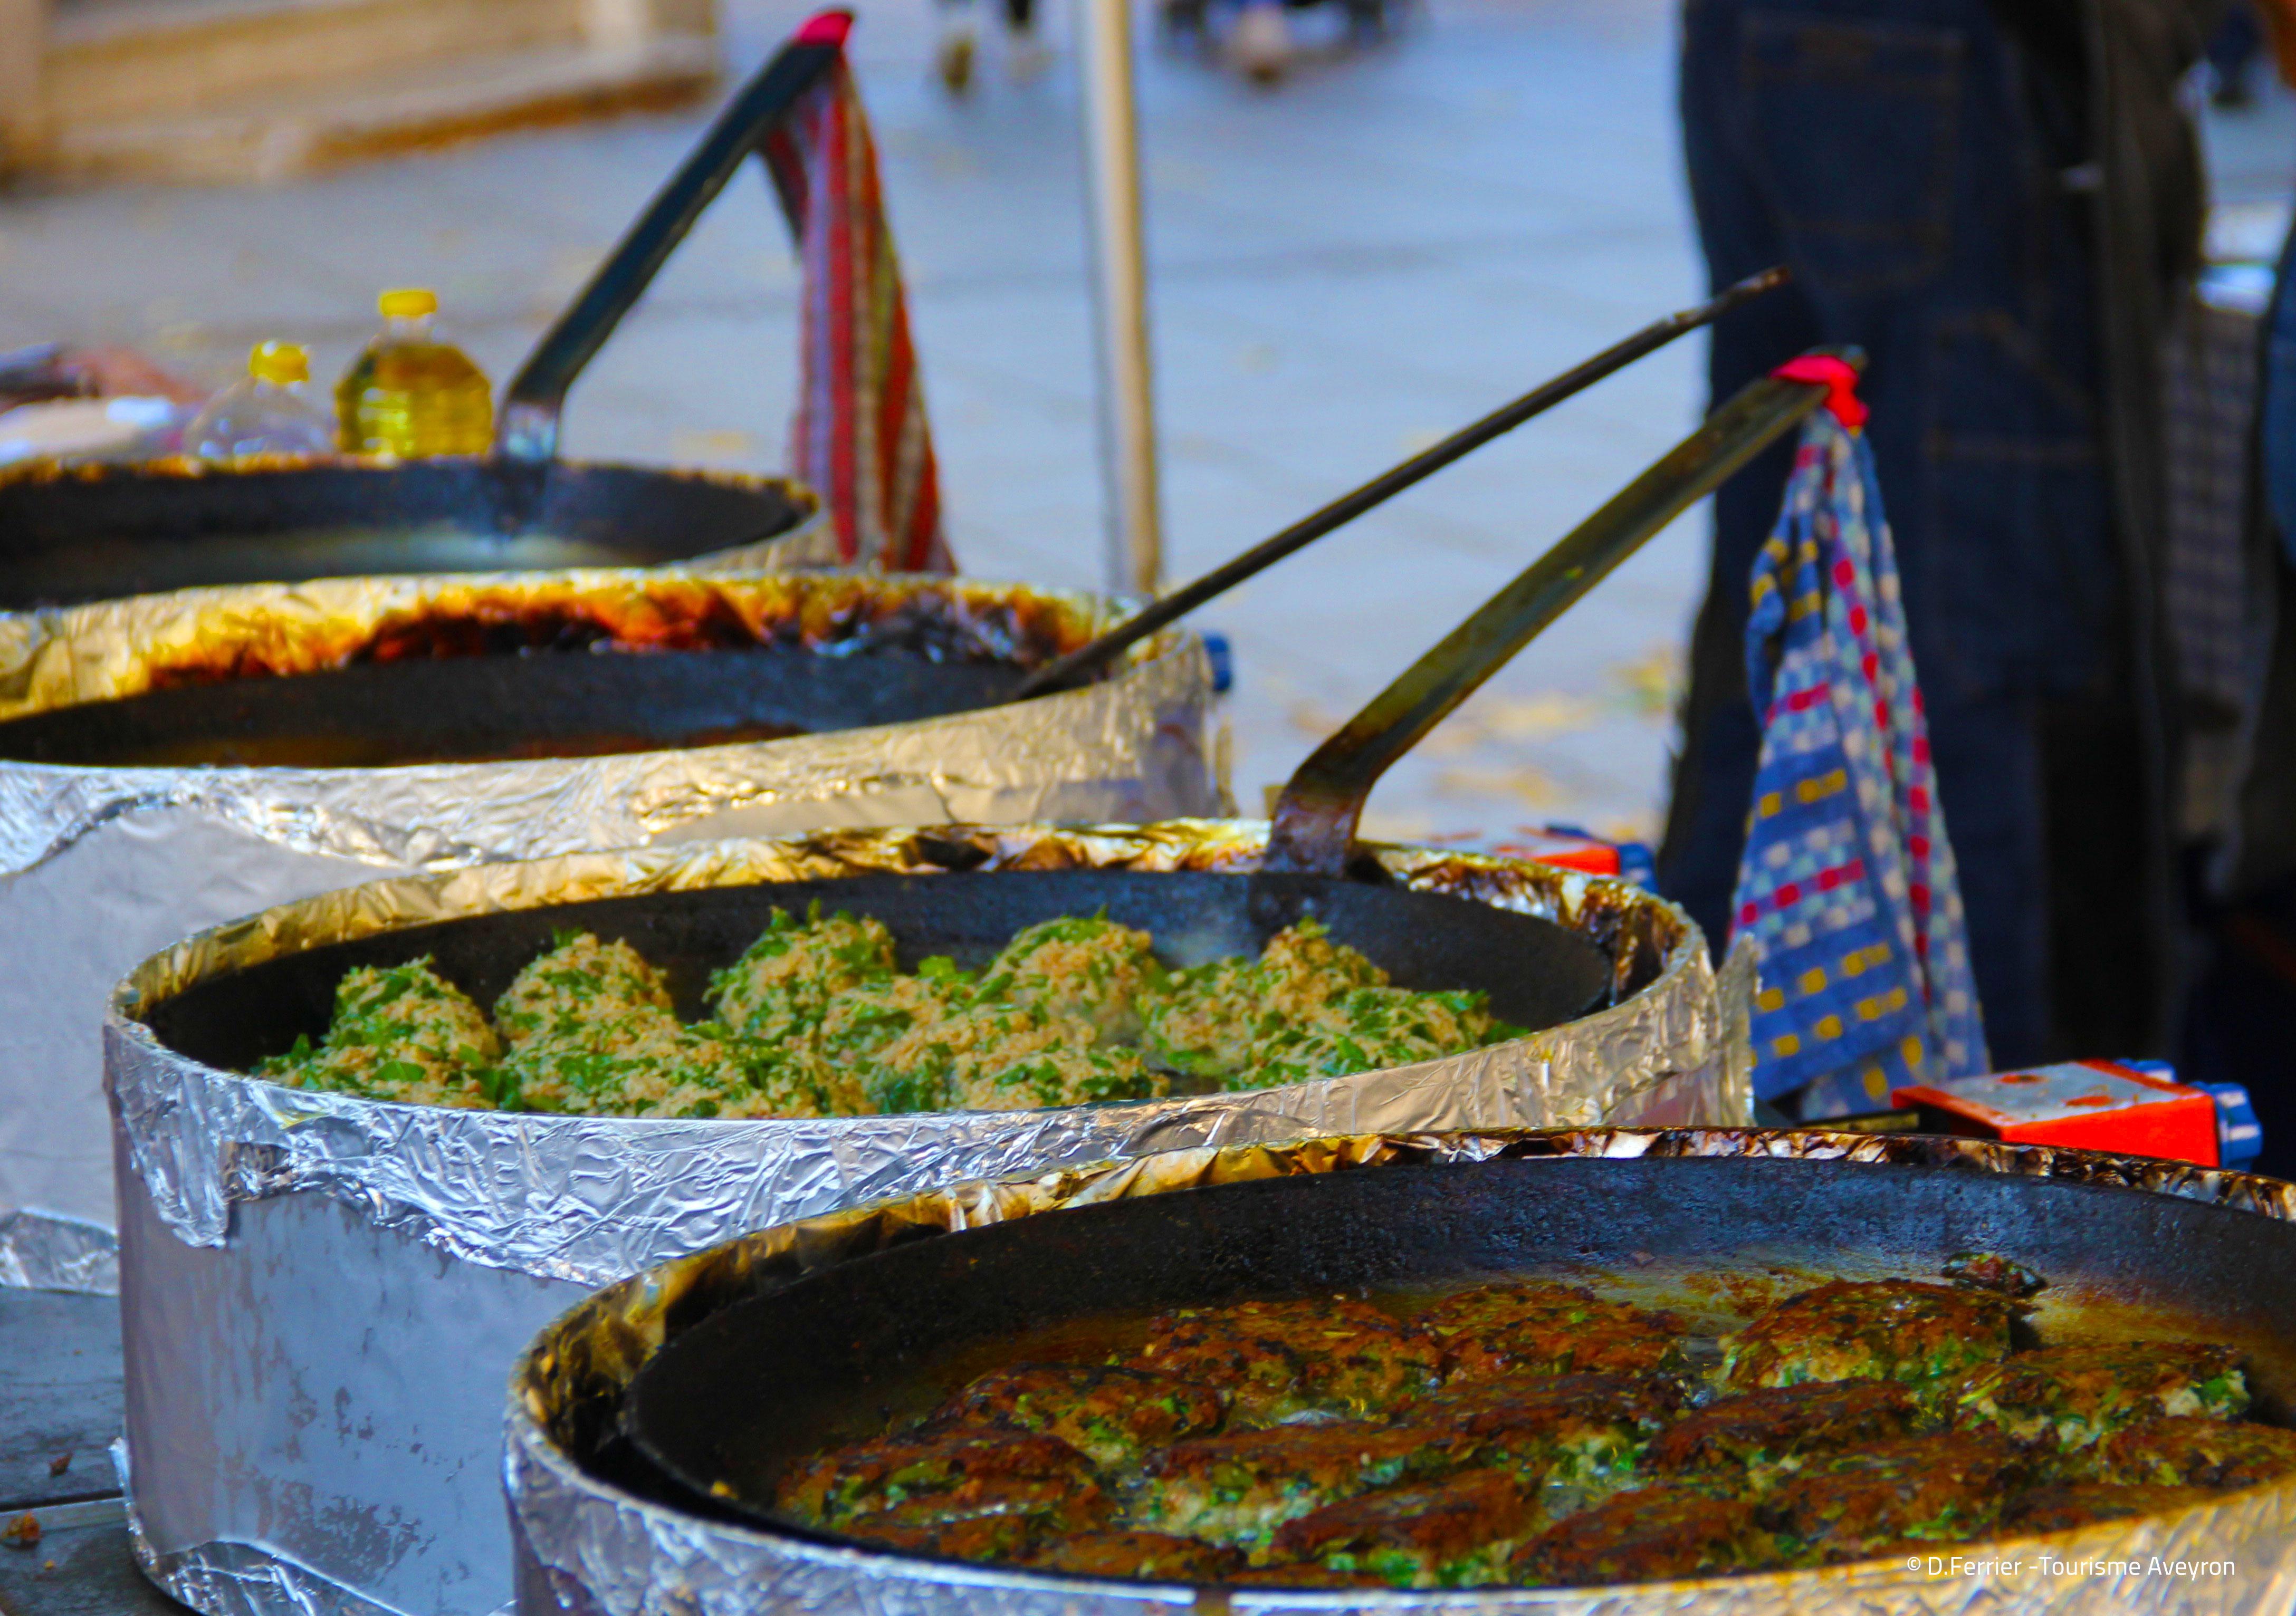 Farcous du marché, Rodez, Aveyron © D.Ferrier - Tourisme Aveyron